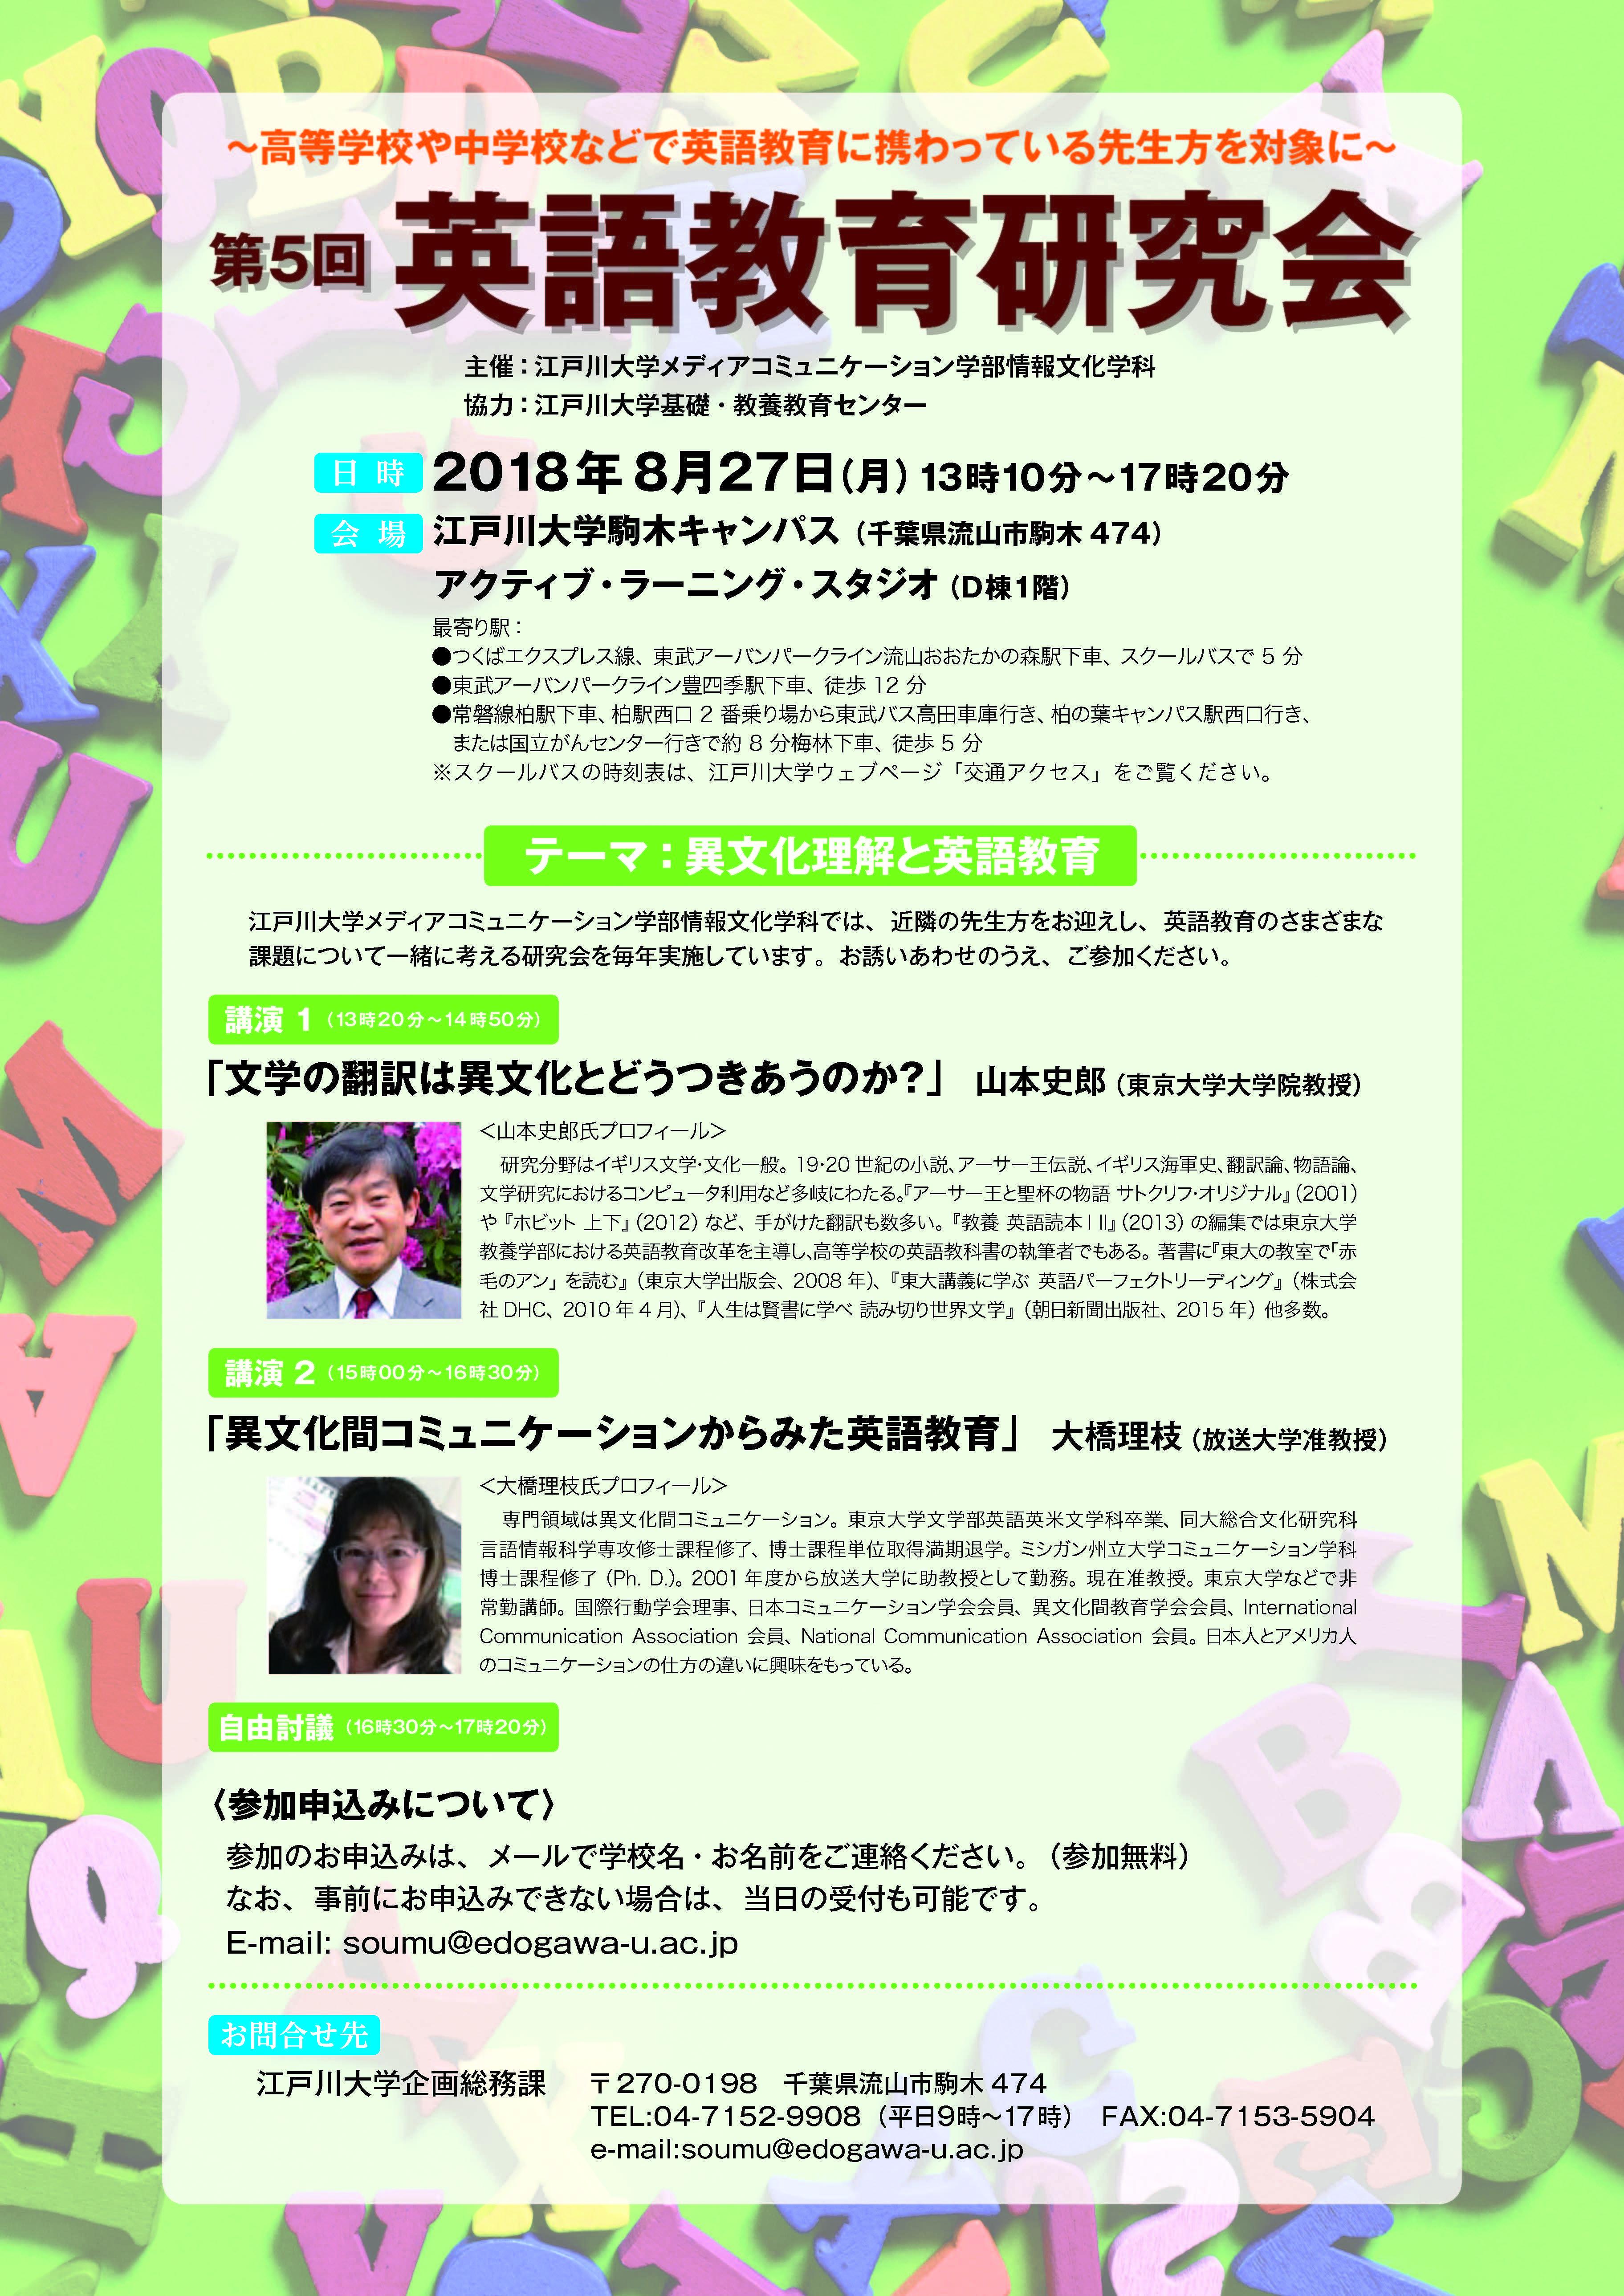 江戸川大学が8月27日に、中高で英語教育に携わっている教員を対象とした「第5回英語教育研究会」を開催 -- テーマは「異文化理解と英語教育」